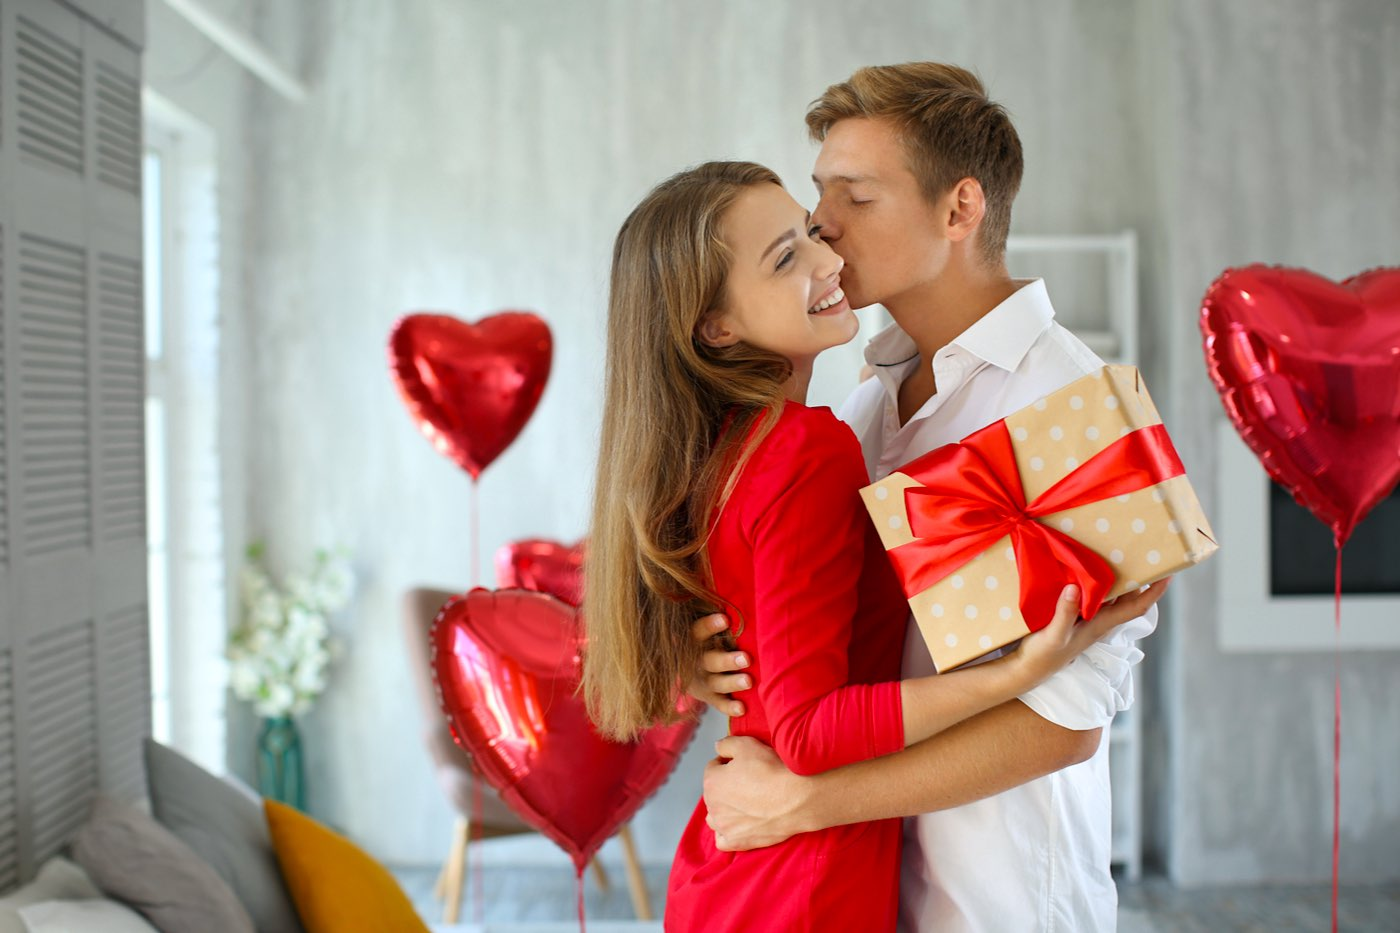 Los mejores regalos para parejas románticas